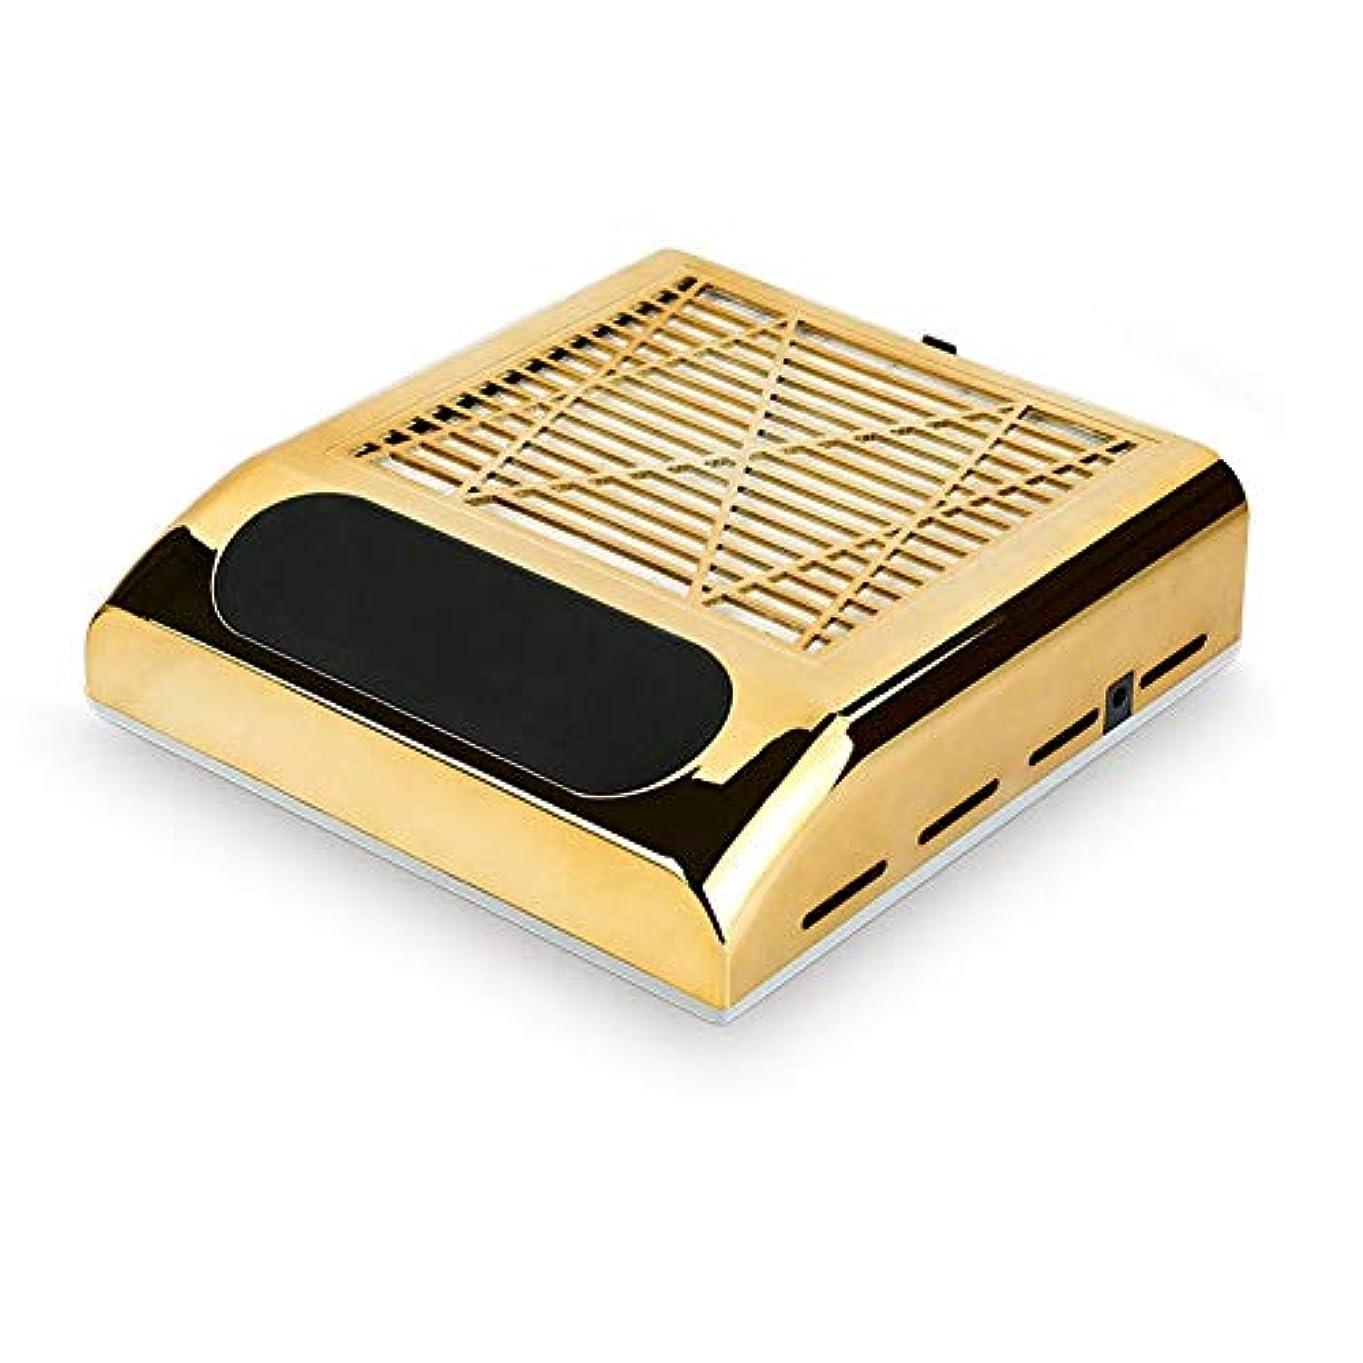 資産ハッチアロング80Wネイル集塵機吸引ファン、ネイル掃除機マニキュア工作機械集塵ネイルアートマニキュアサロン家庭用ネイルケアツール (Color : C)